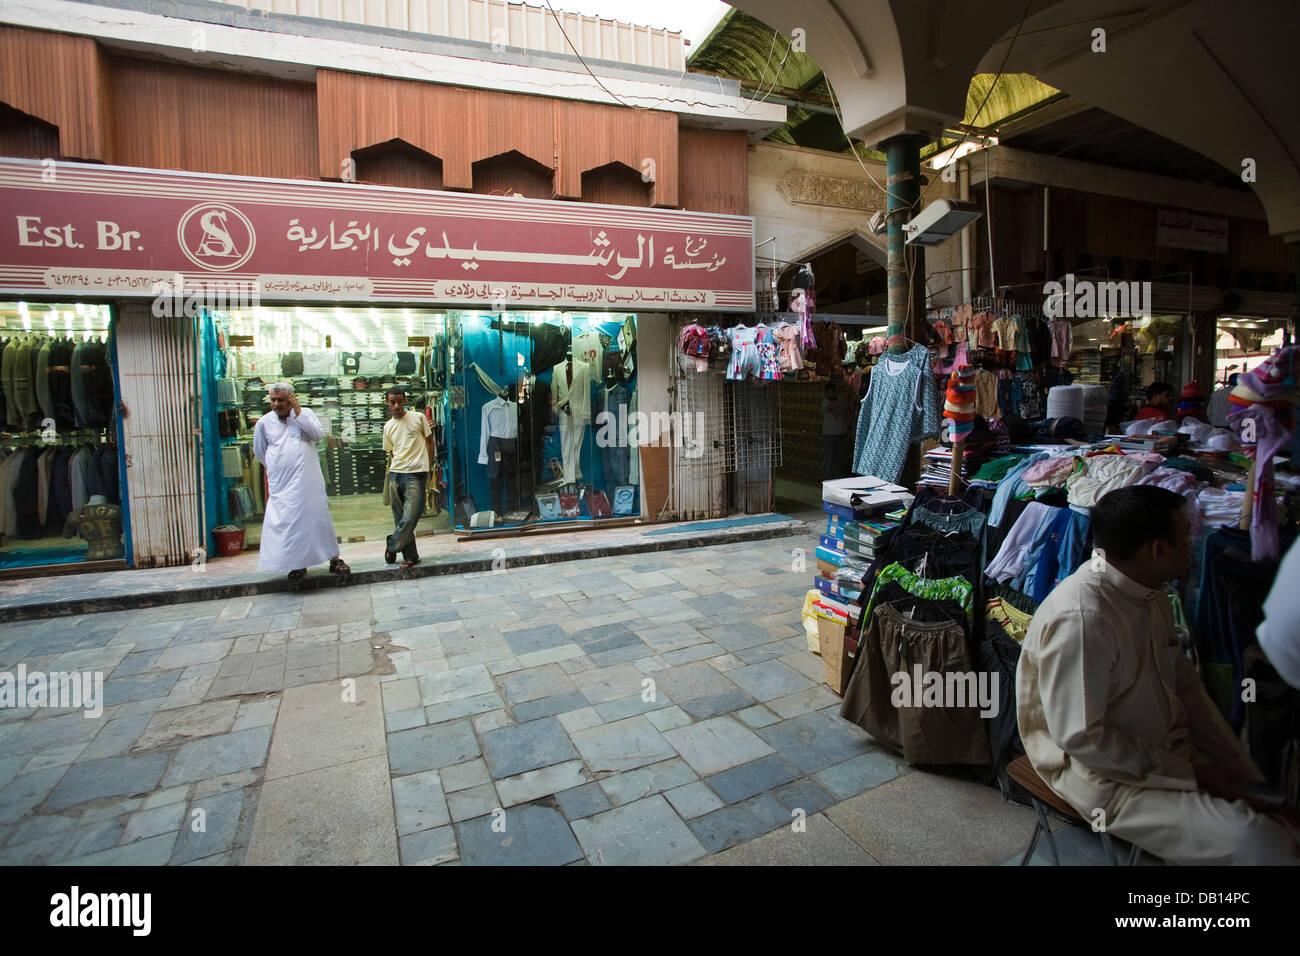 Souq al-Alawi market in Old Jeddah (Al-Balad), Jeddah, Saudi